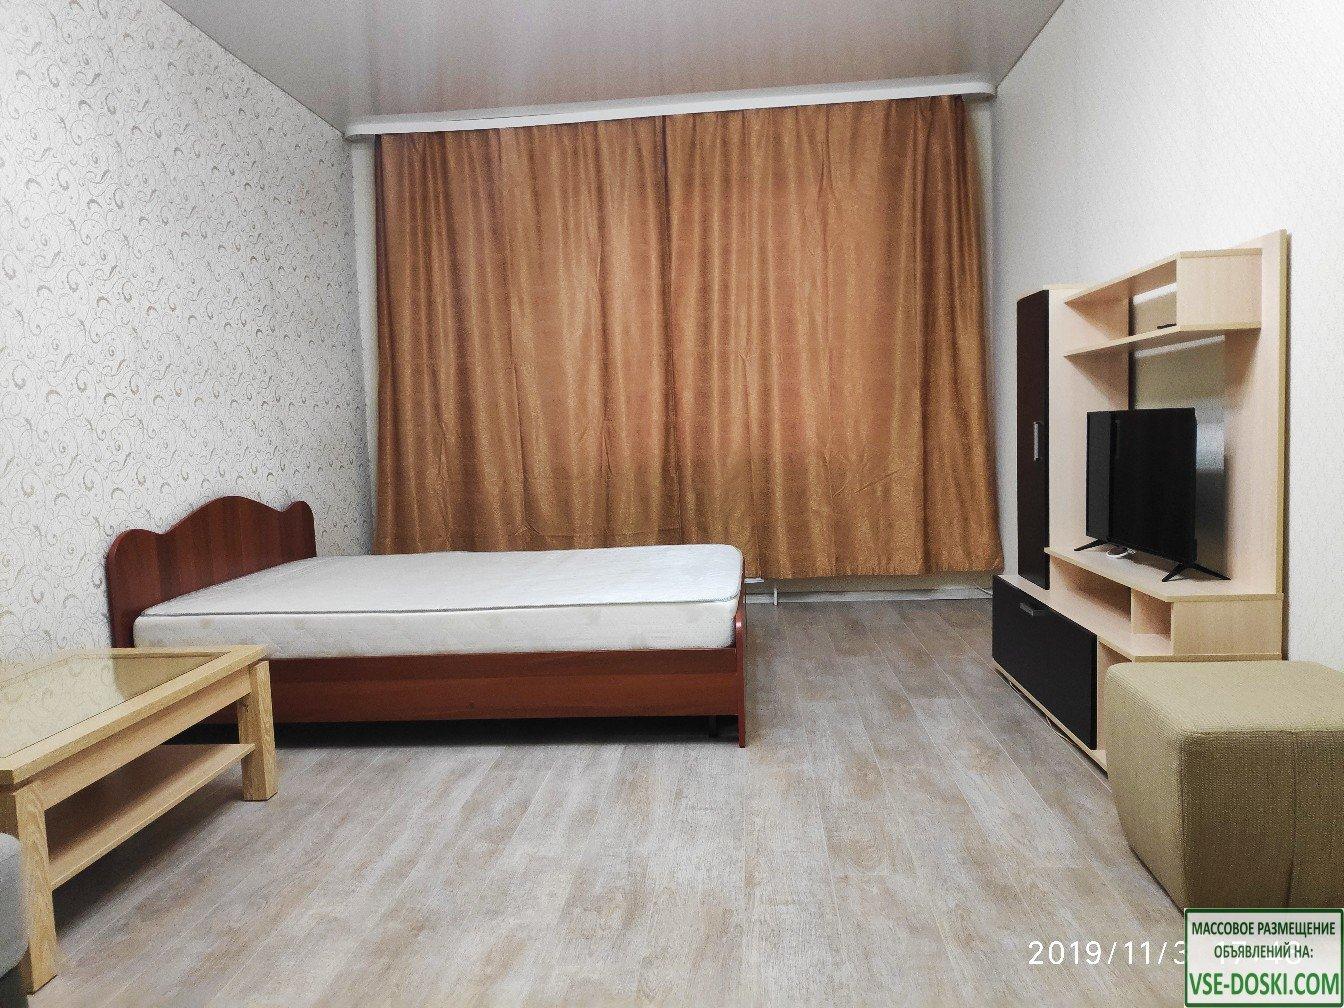 Сдам двухкомнатную квартиру на длительный срок  Ступино